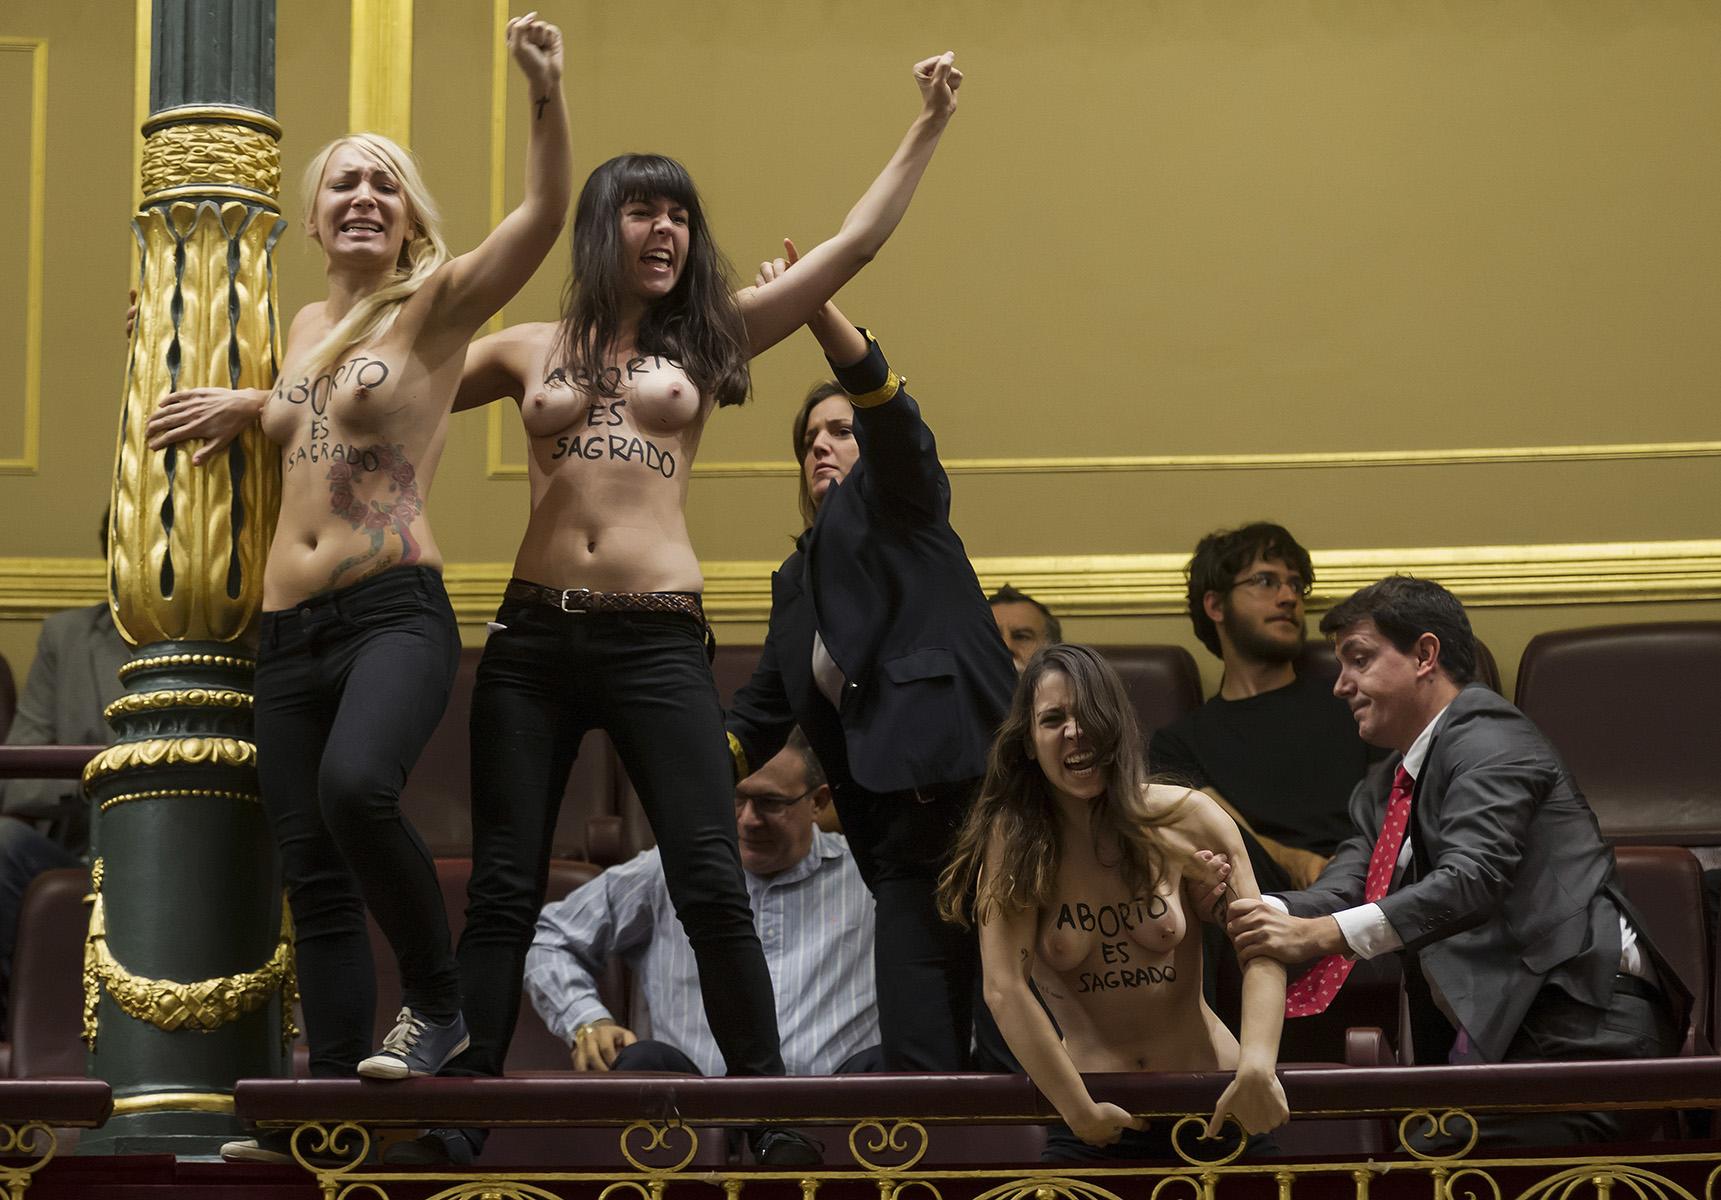 Sesión de Control al Gobierno en el Congreso de los DiputadosActivistas de Femen desnudas irrumpen desde las tribunas de publico del Congreso en defensa del aborto. © Alberto R. Roldán / La Razón09 10 2013